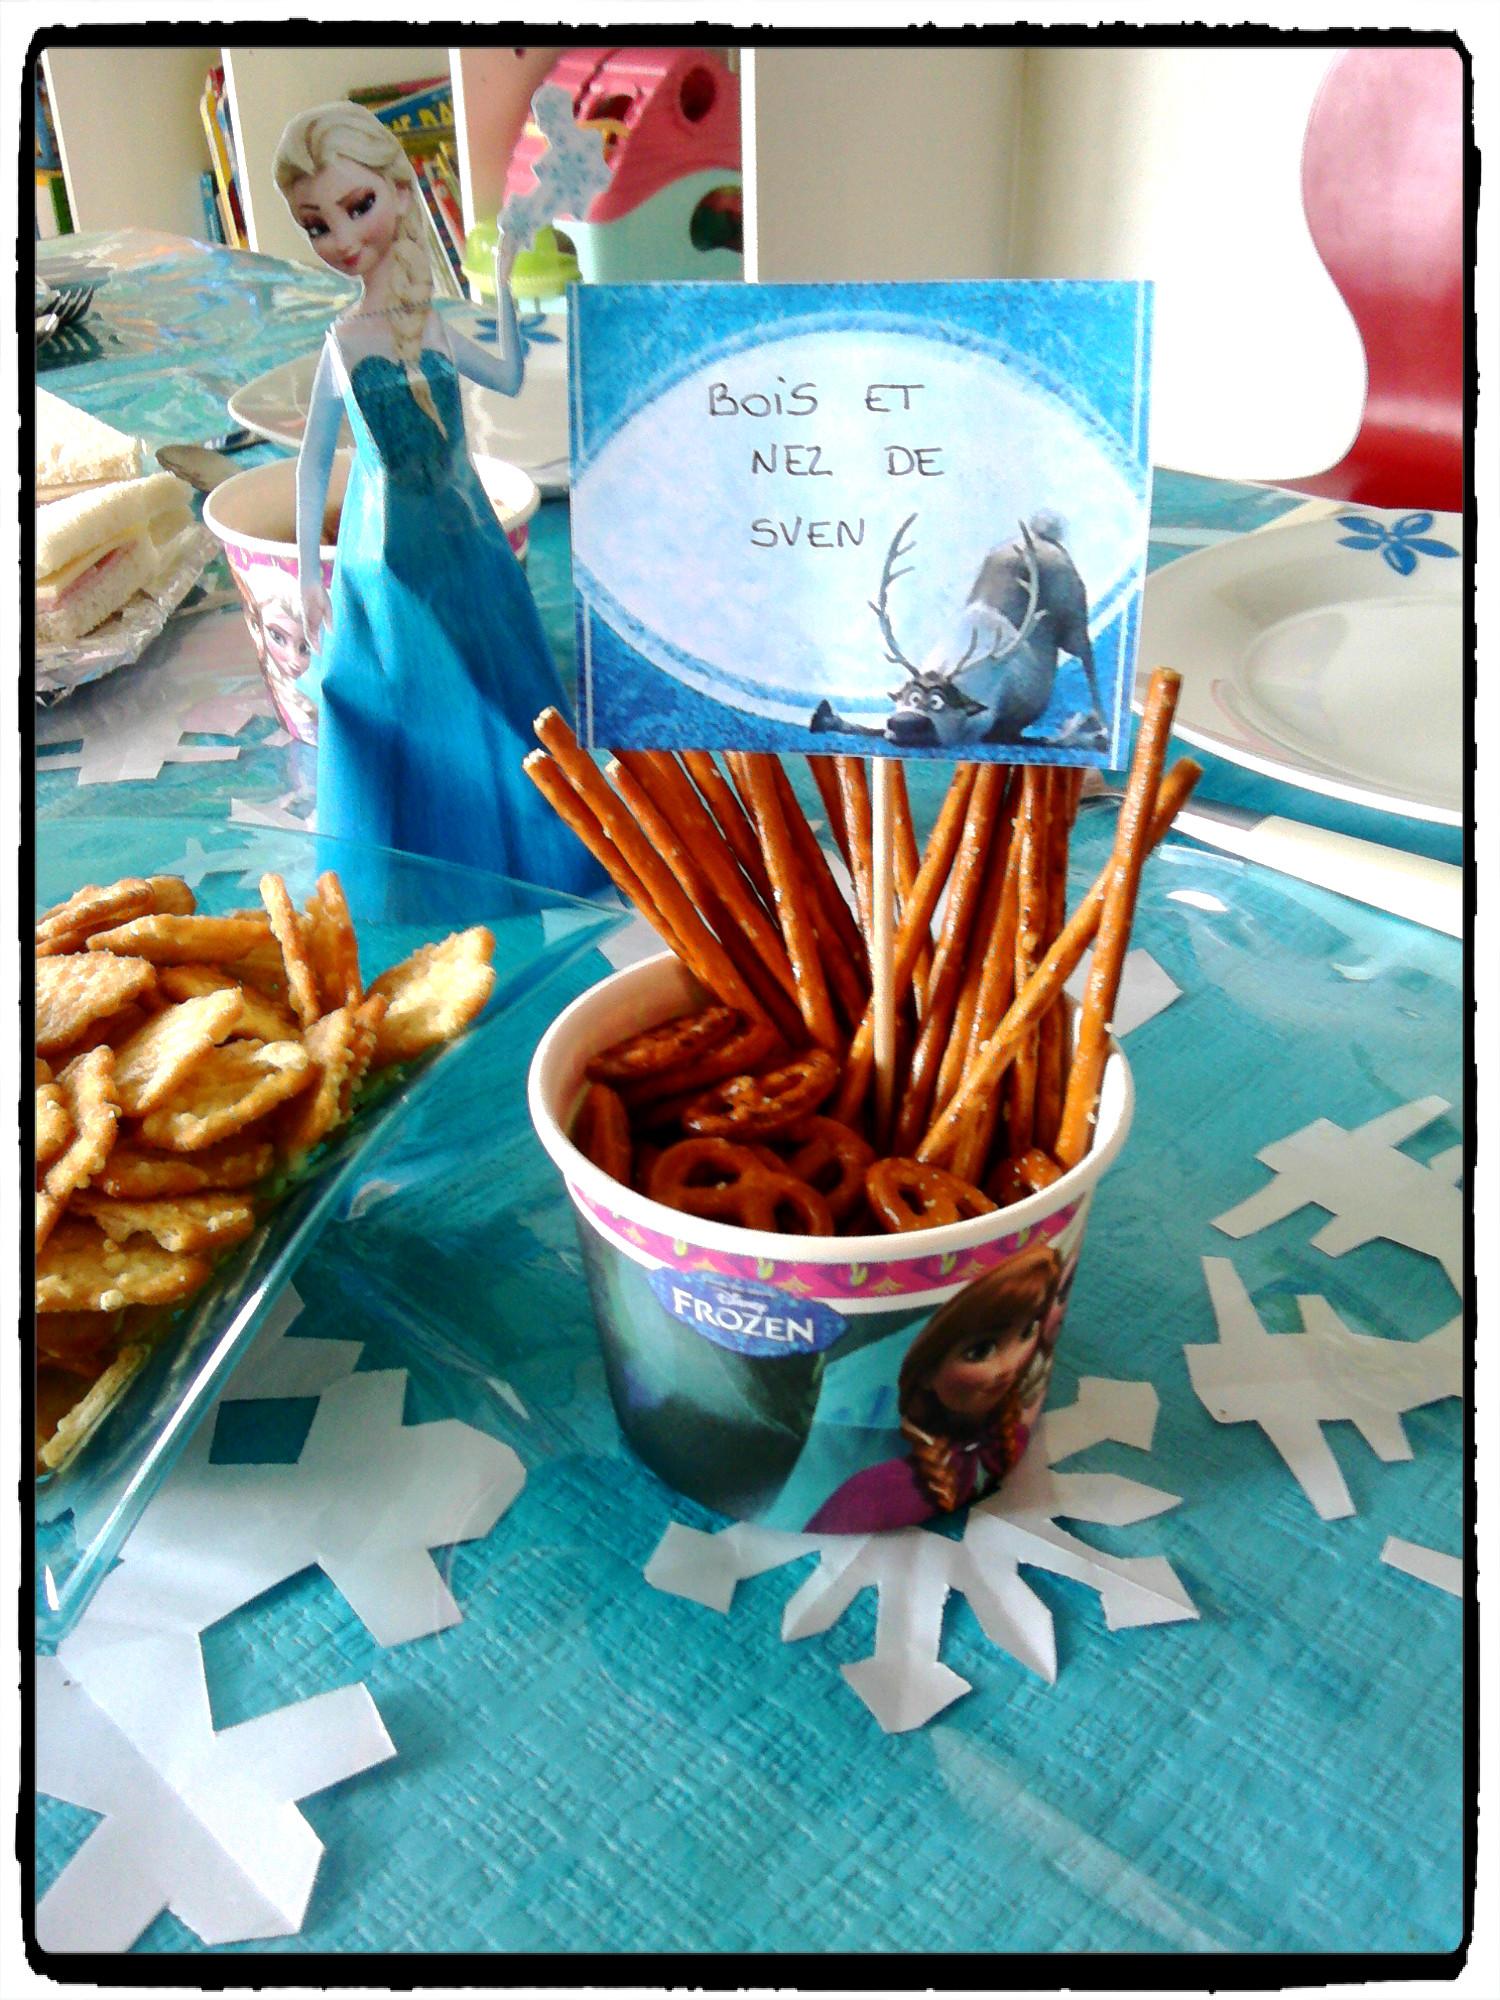 Anniversaire la reine des neiges avec la famille mes humeurs cr atives - Idee repas famille anniversaire ...